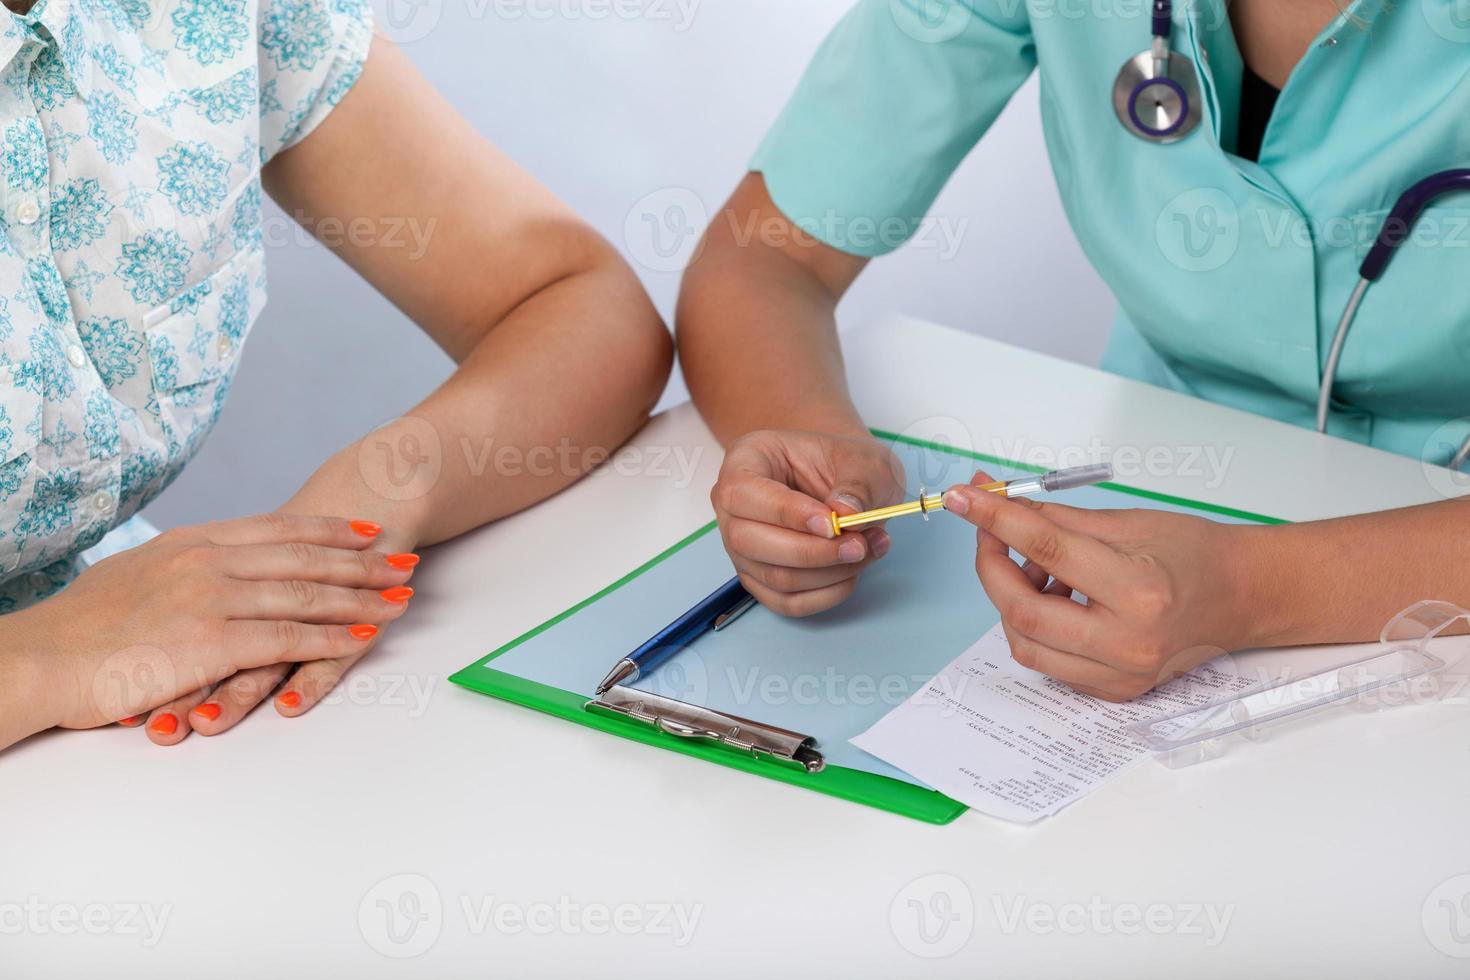 medico che mostra al paziente una siringa foto